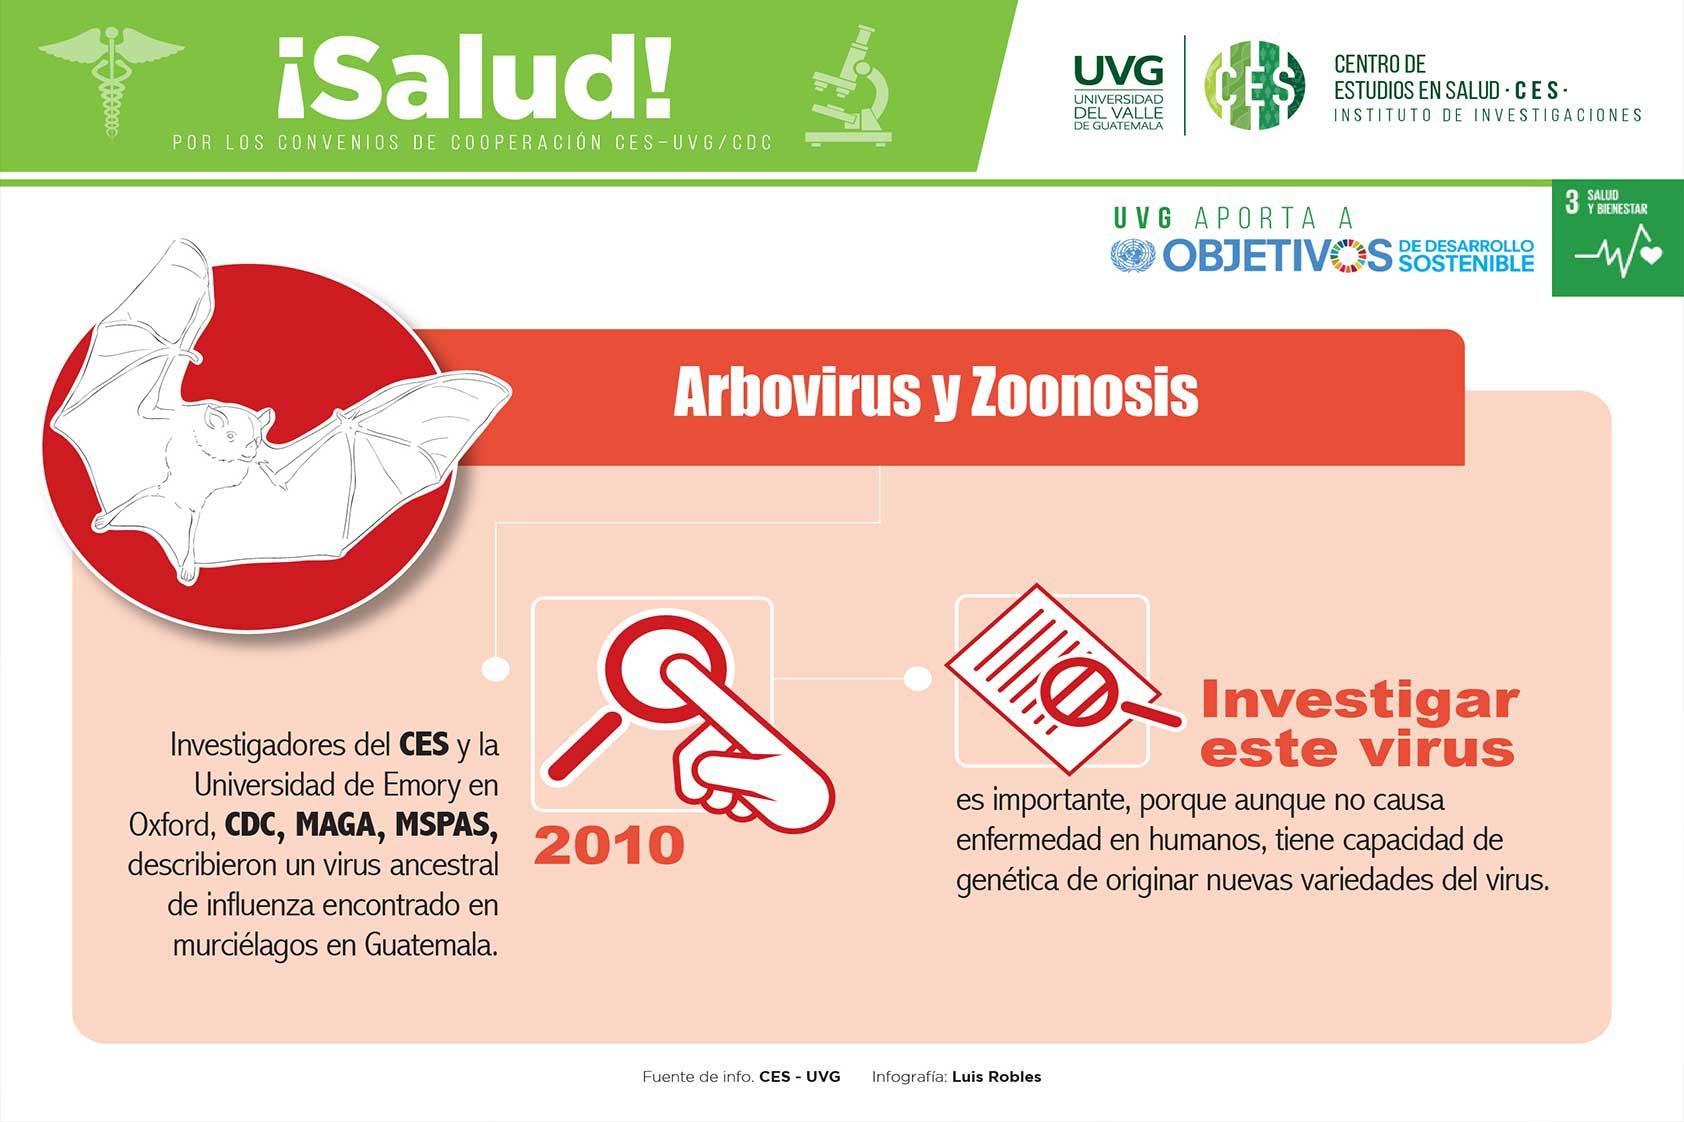 Programa de Arbovirus y Zoonosis en Guatemala